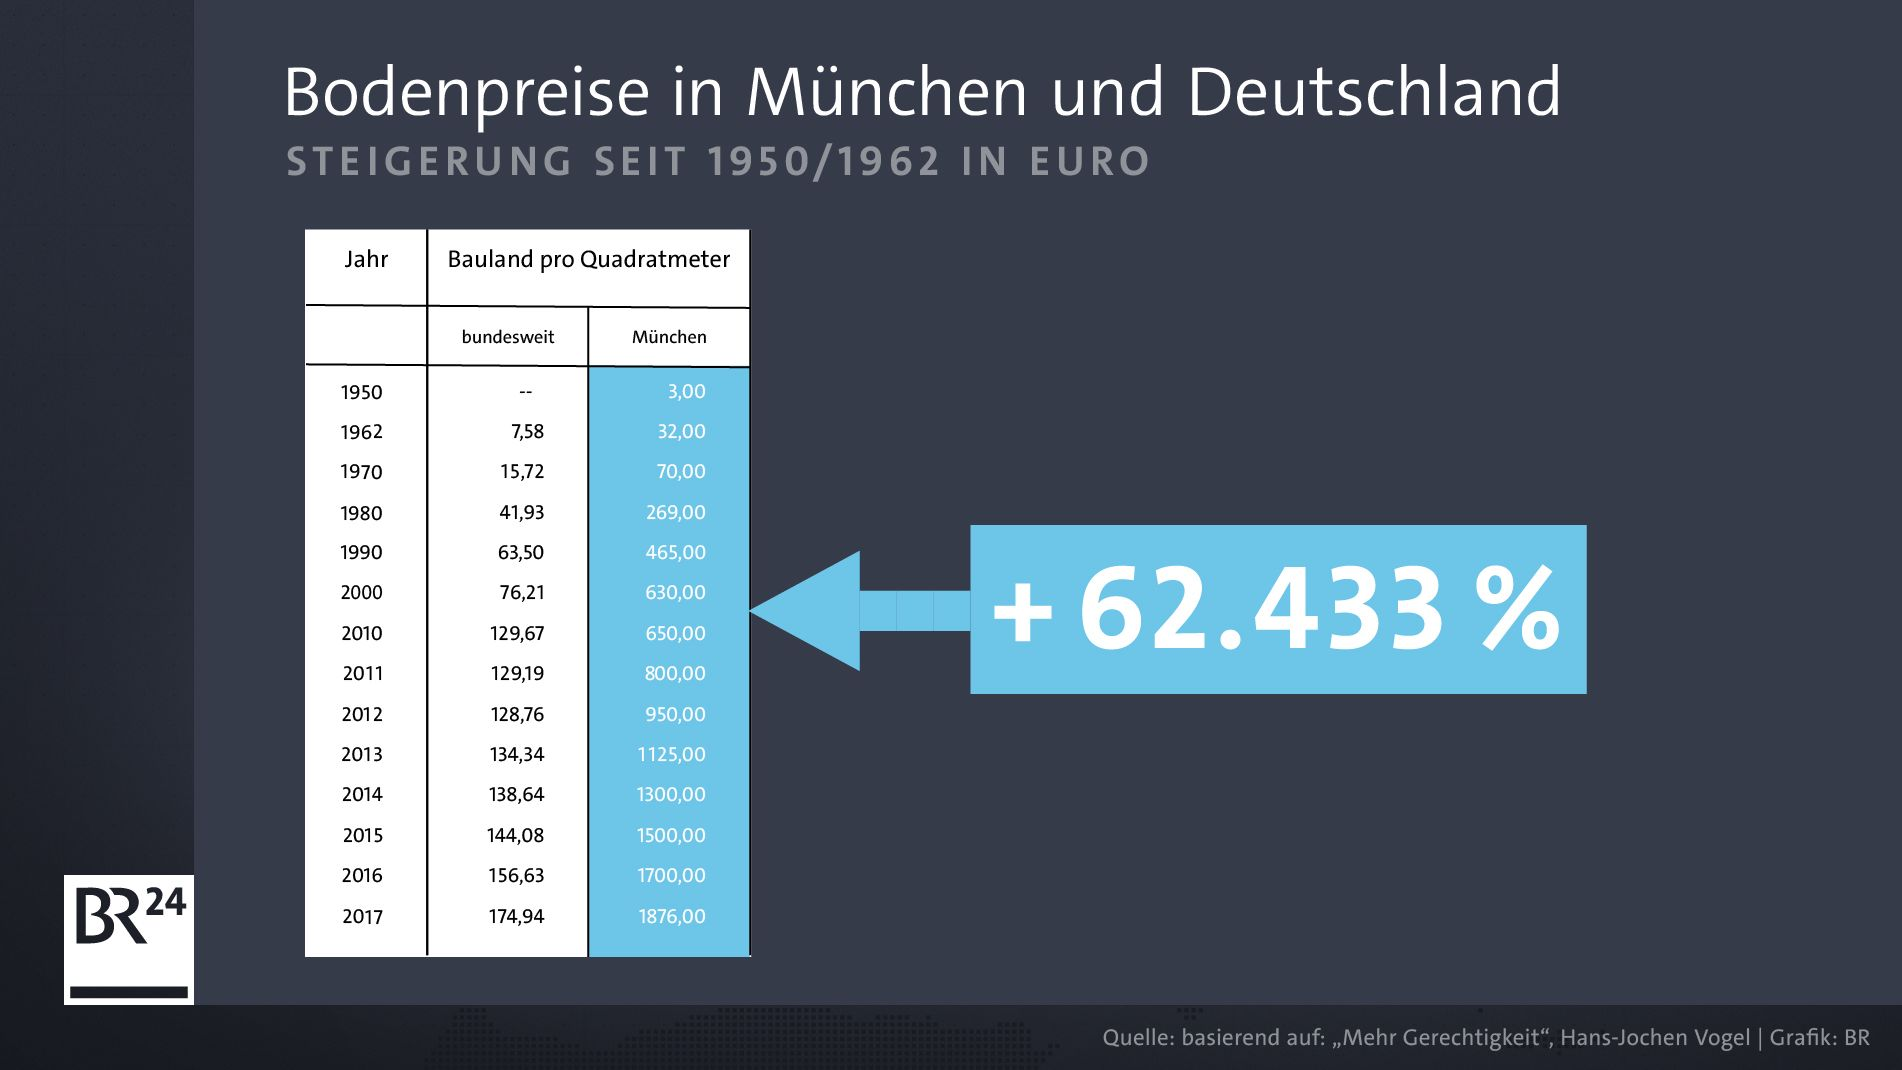 Für den Zeitraum 1950-2017 ergibt sich aus der Zahlenreihe für München in Vogels Buch ein Prozentzuwachs der Bodenpreise von 62.433 Prozent.